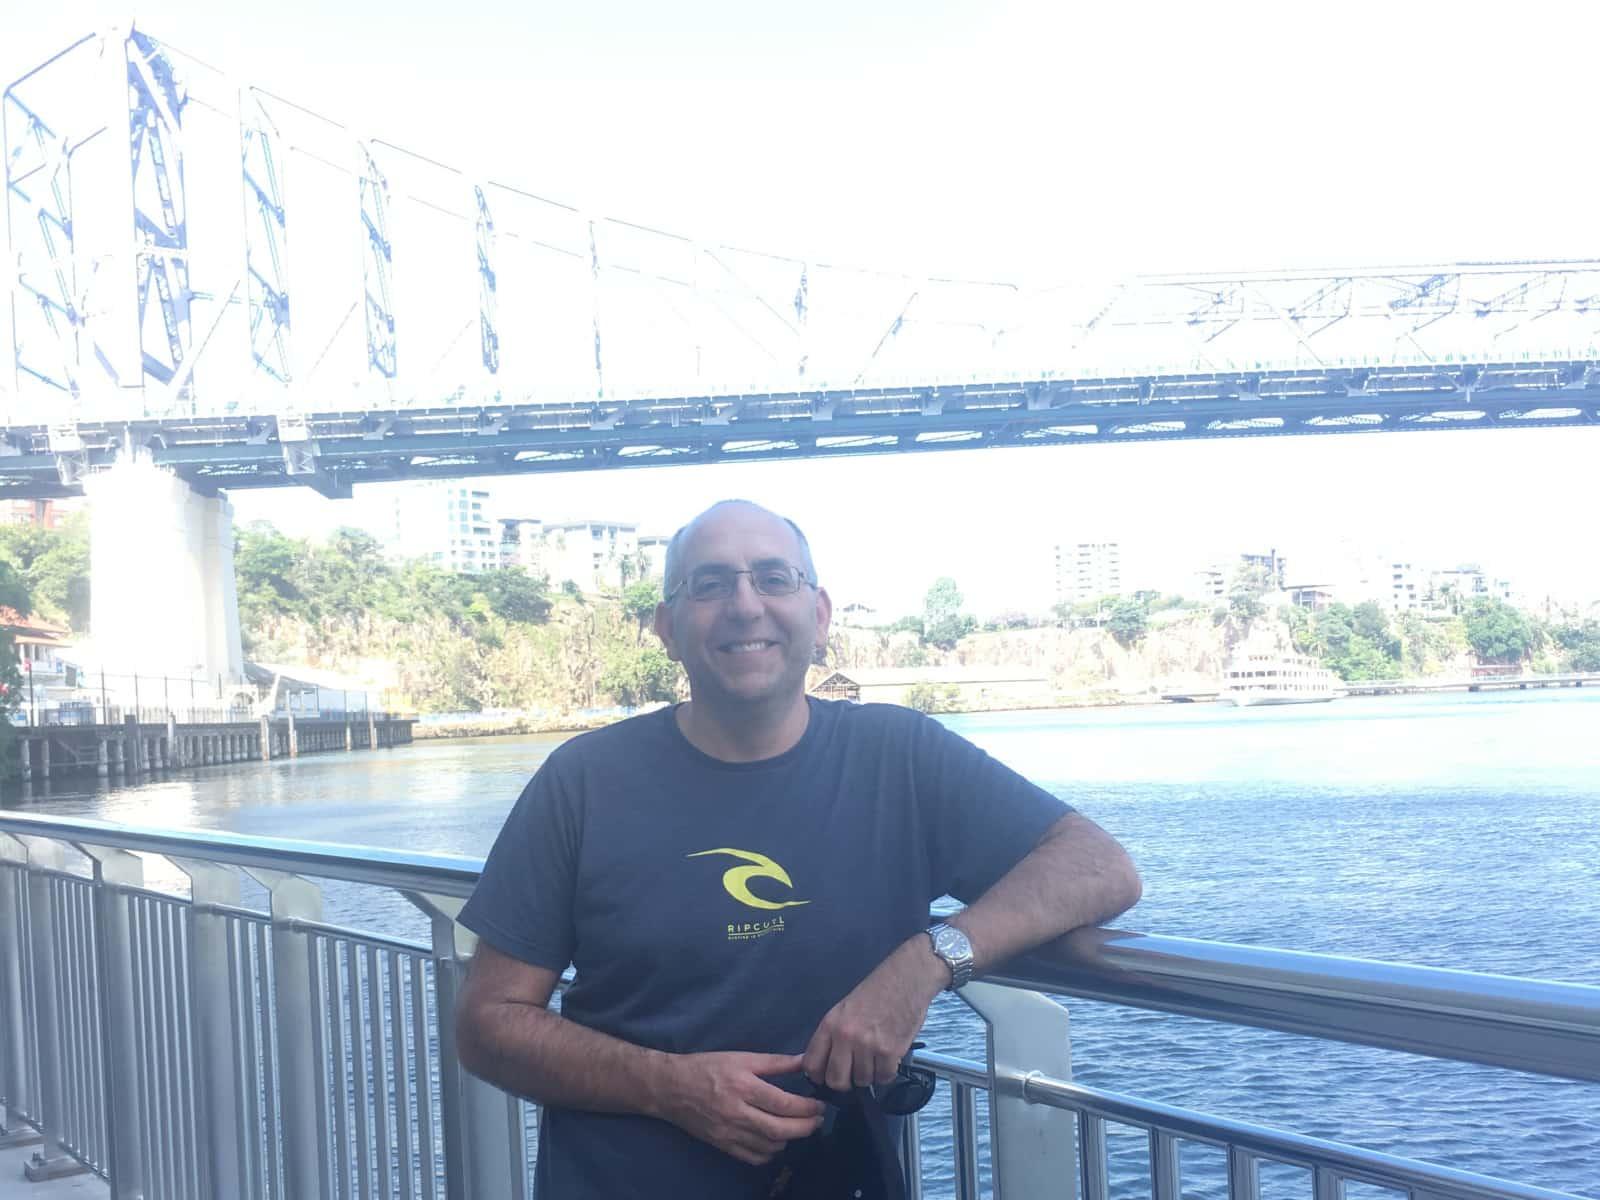 James from Brisbane, Queensland, Australia